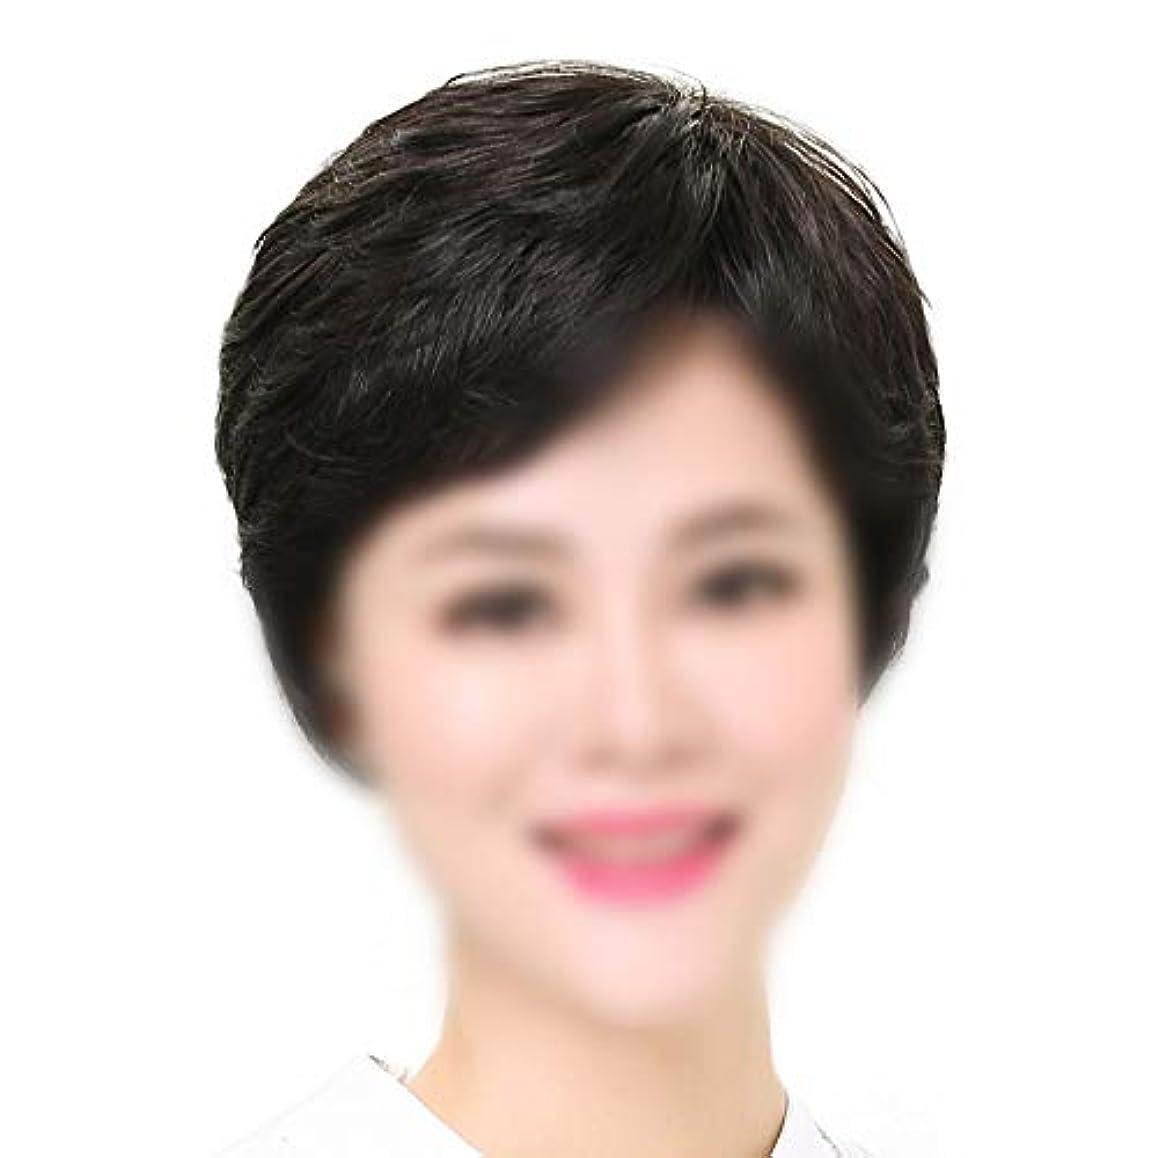 ファントム電池熟すYOUQIU フル手織り女性の自然な人間の髪マイクロ波ショートヘアウィッグかつら中年 (色 : Natural black, サイズ : Hand-needle)